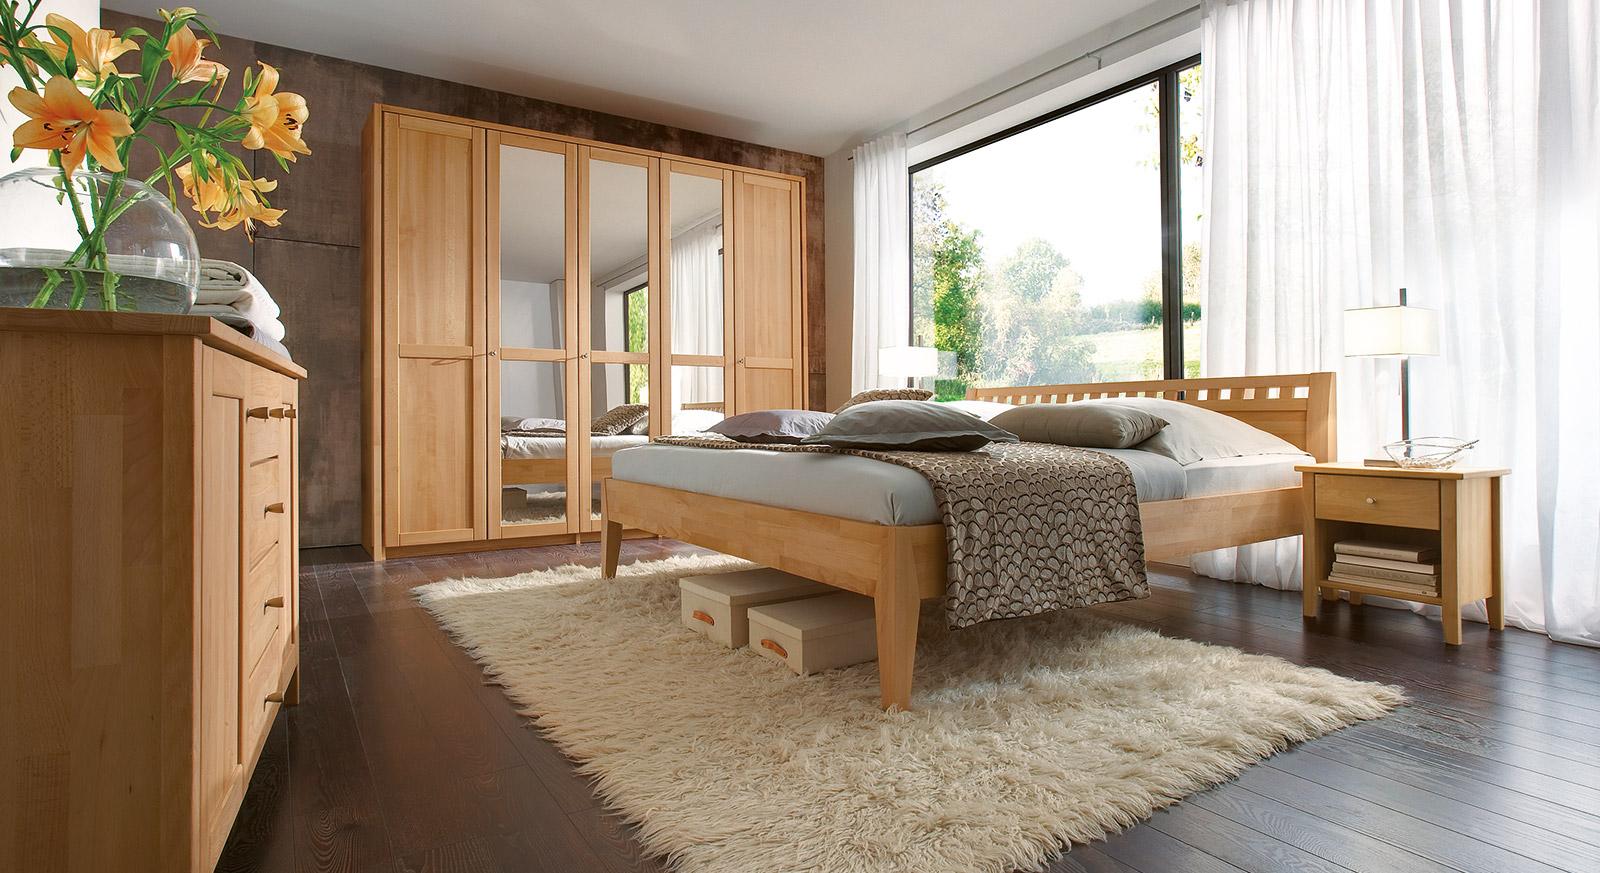 Komplett-Schlafzimmer aus massiver Buche - Triest I BETTEN.at